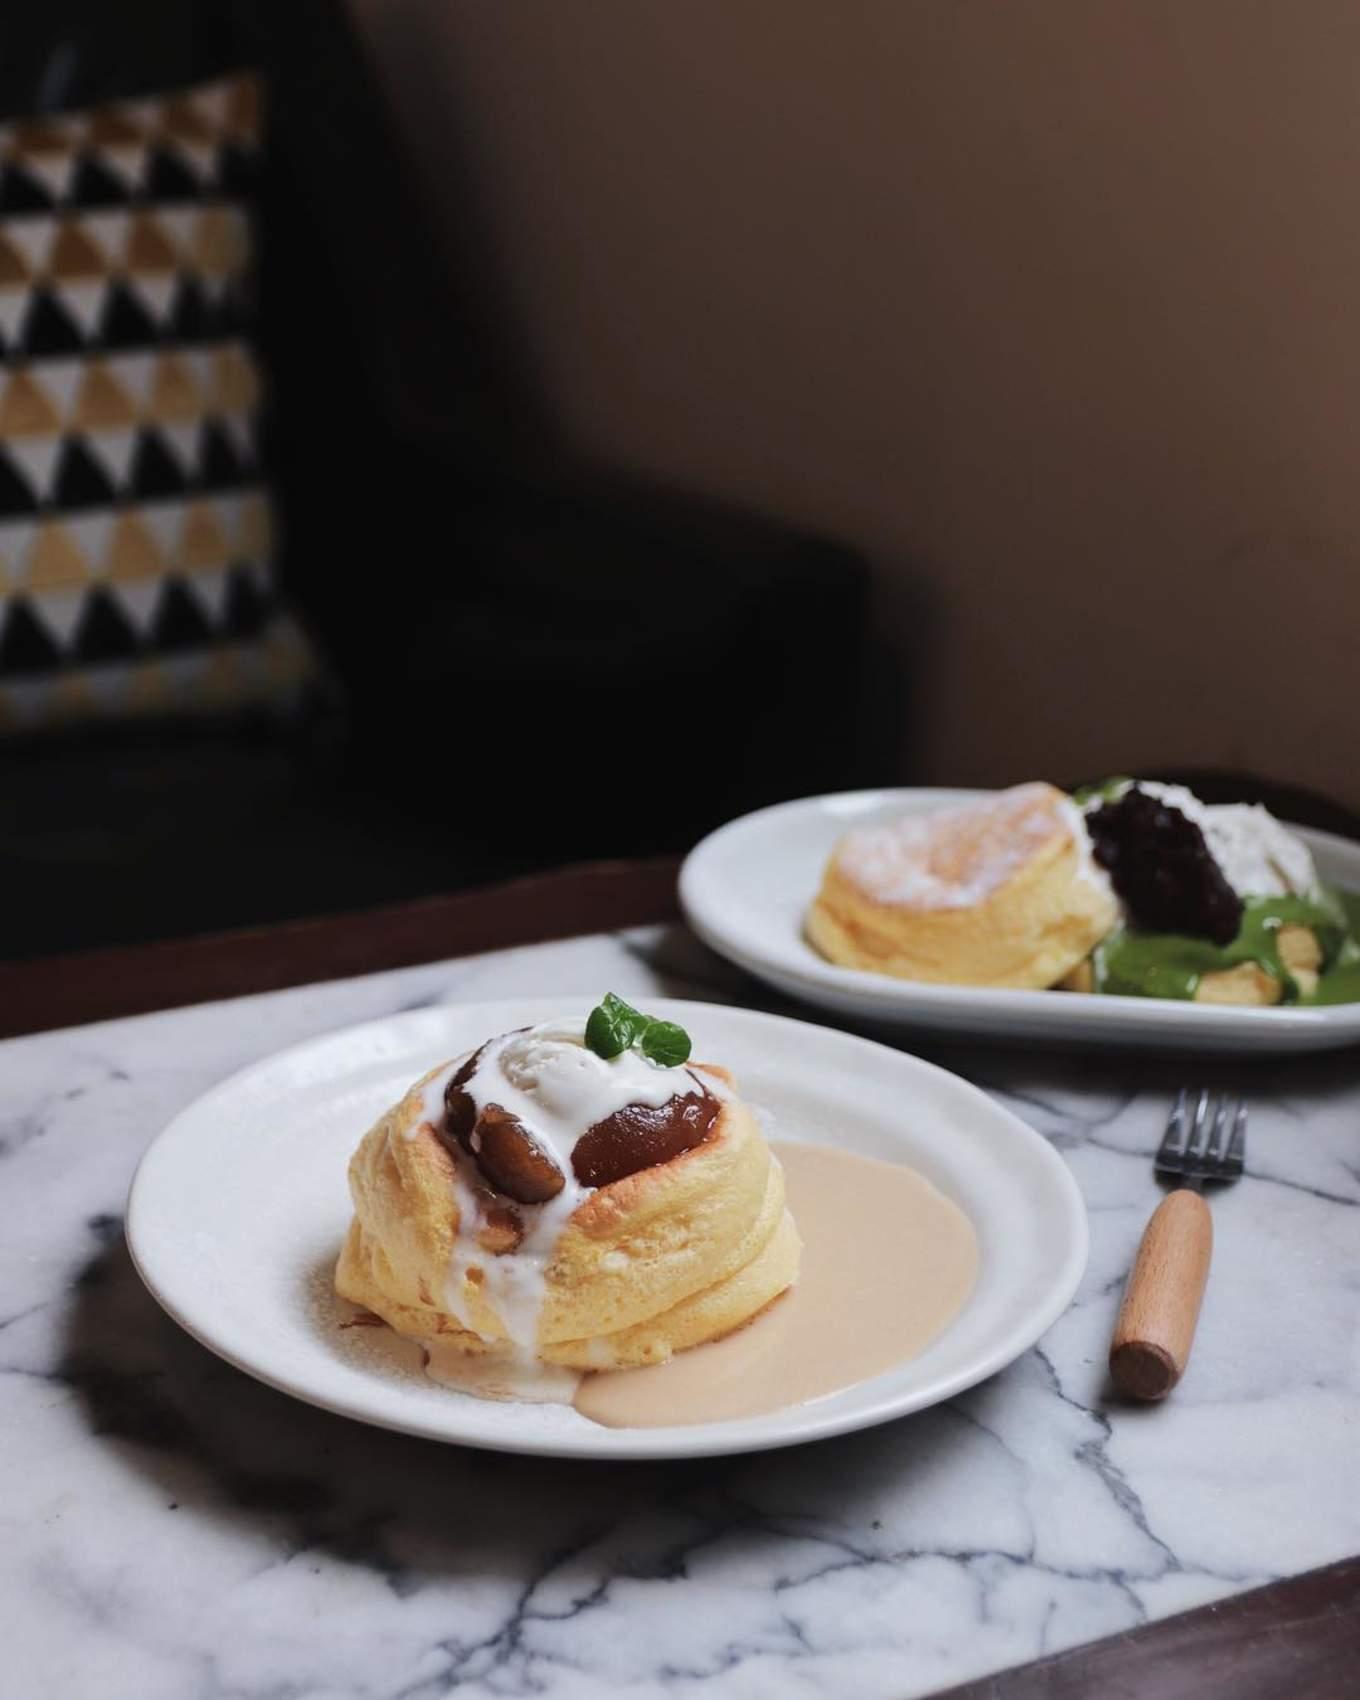 Kichi Pancake stacks